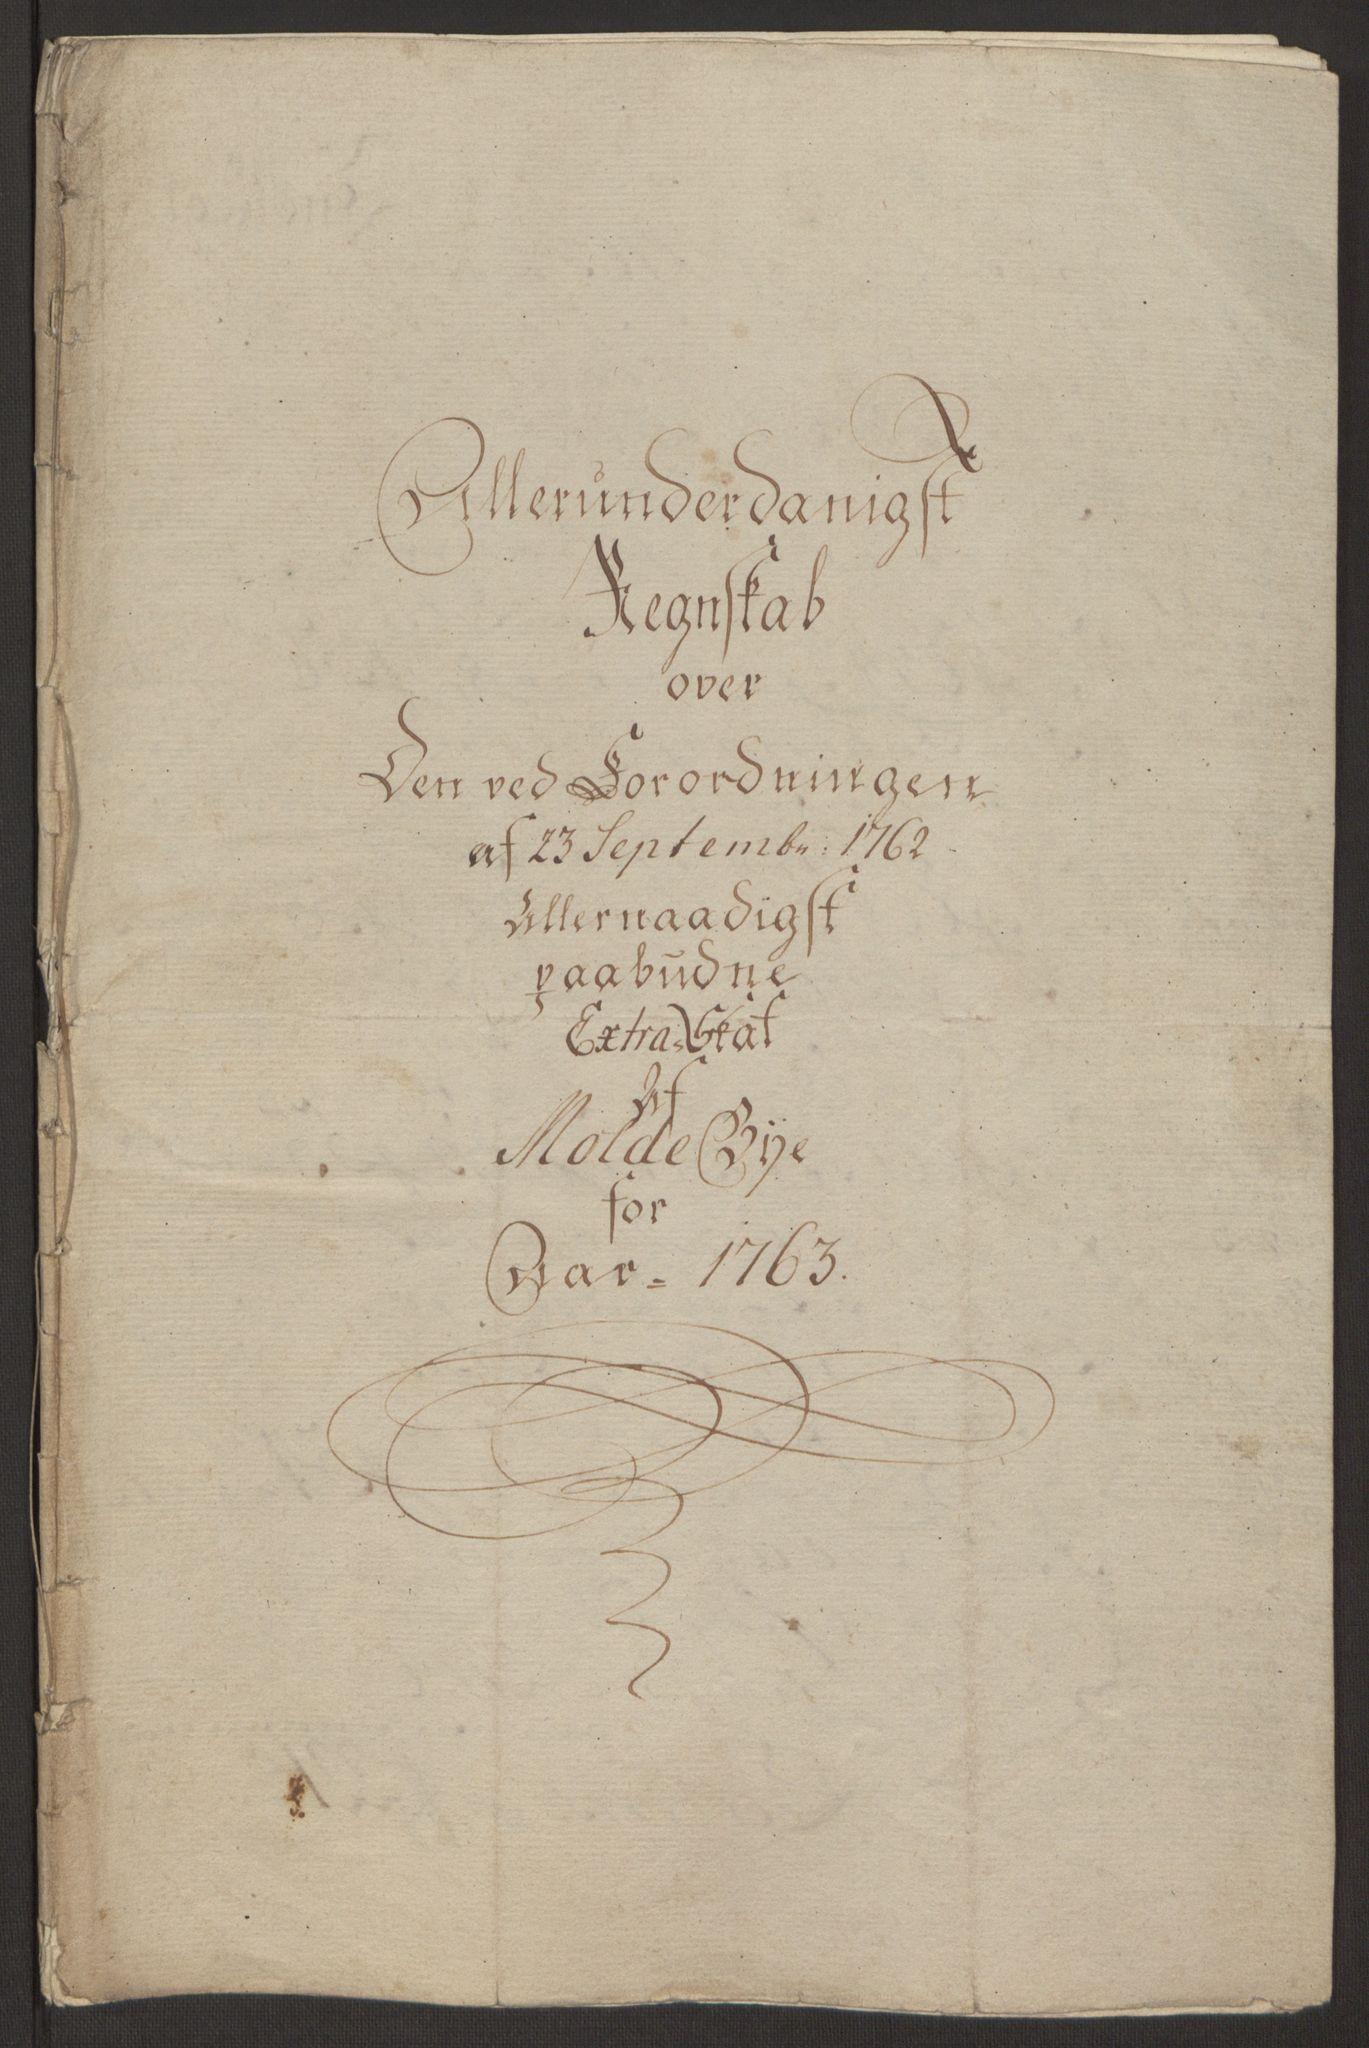 RA, Rentekammeret inntil 1814, Reviderte regnskaper, Byregnskaper, R/Rq/L0487: [Q1] Kontribusjonsregnskap, 1762-1772, s. 32